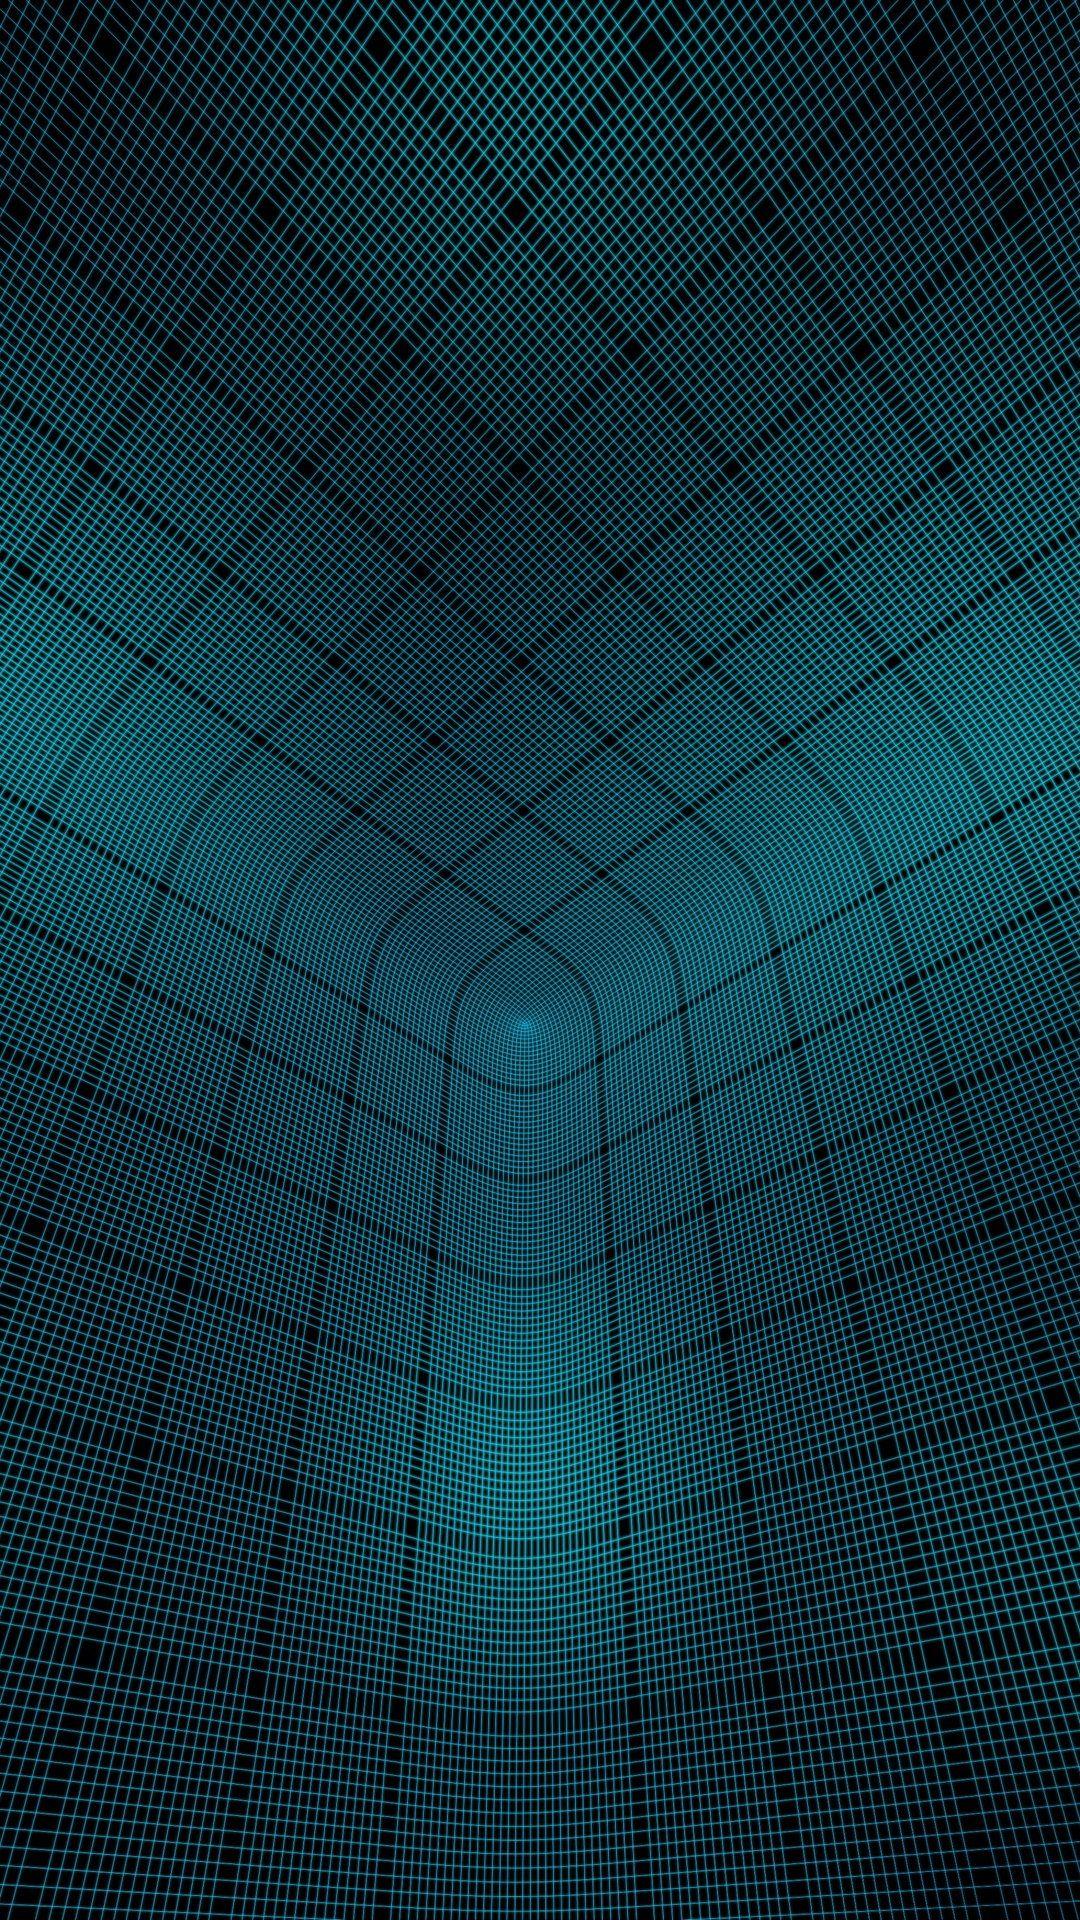 3d Wallpapers En 2020 Fondo De Pantalla De Tecnologia Fondo De Pantalla De Android Fondo De Pantalla Para El Telefono